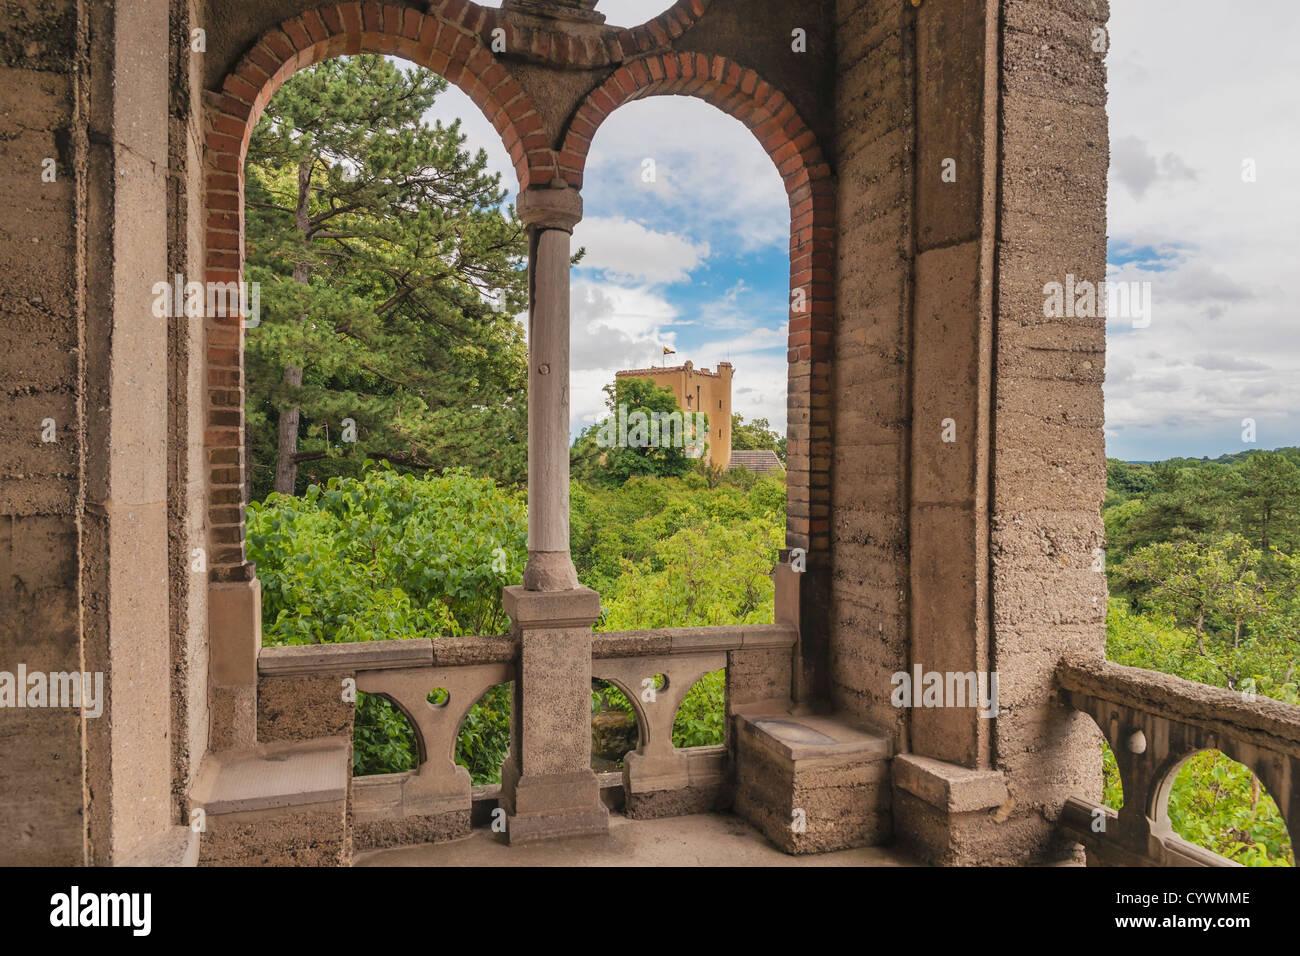 Roseburg Castle, Rieder, Quedlinburg, Harz, Saxony-Anhalt, Germany, Europe - Stock Image